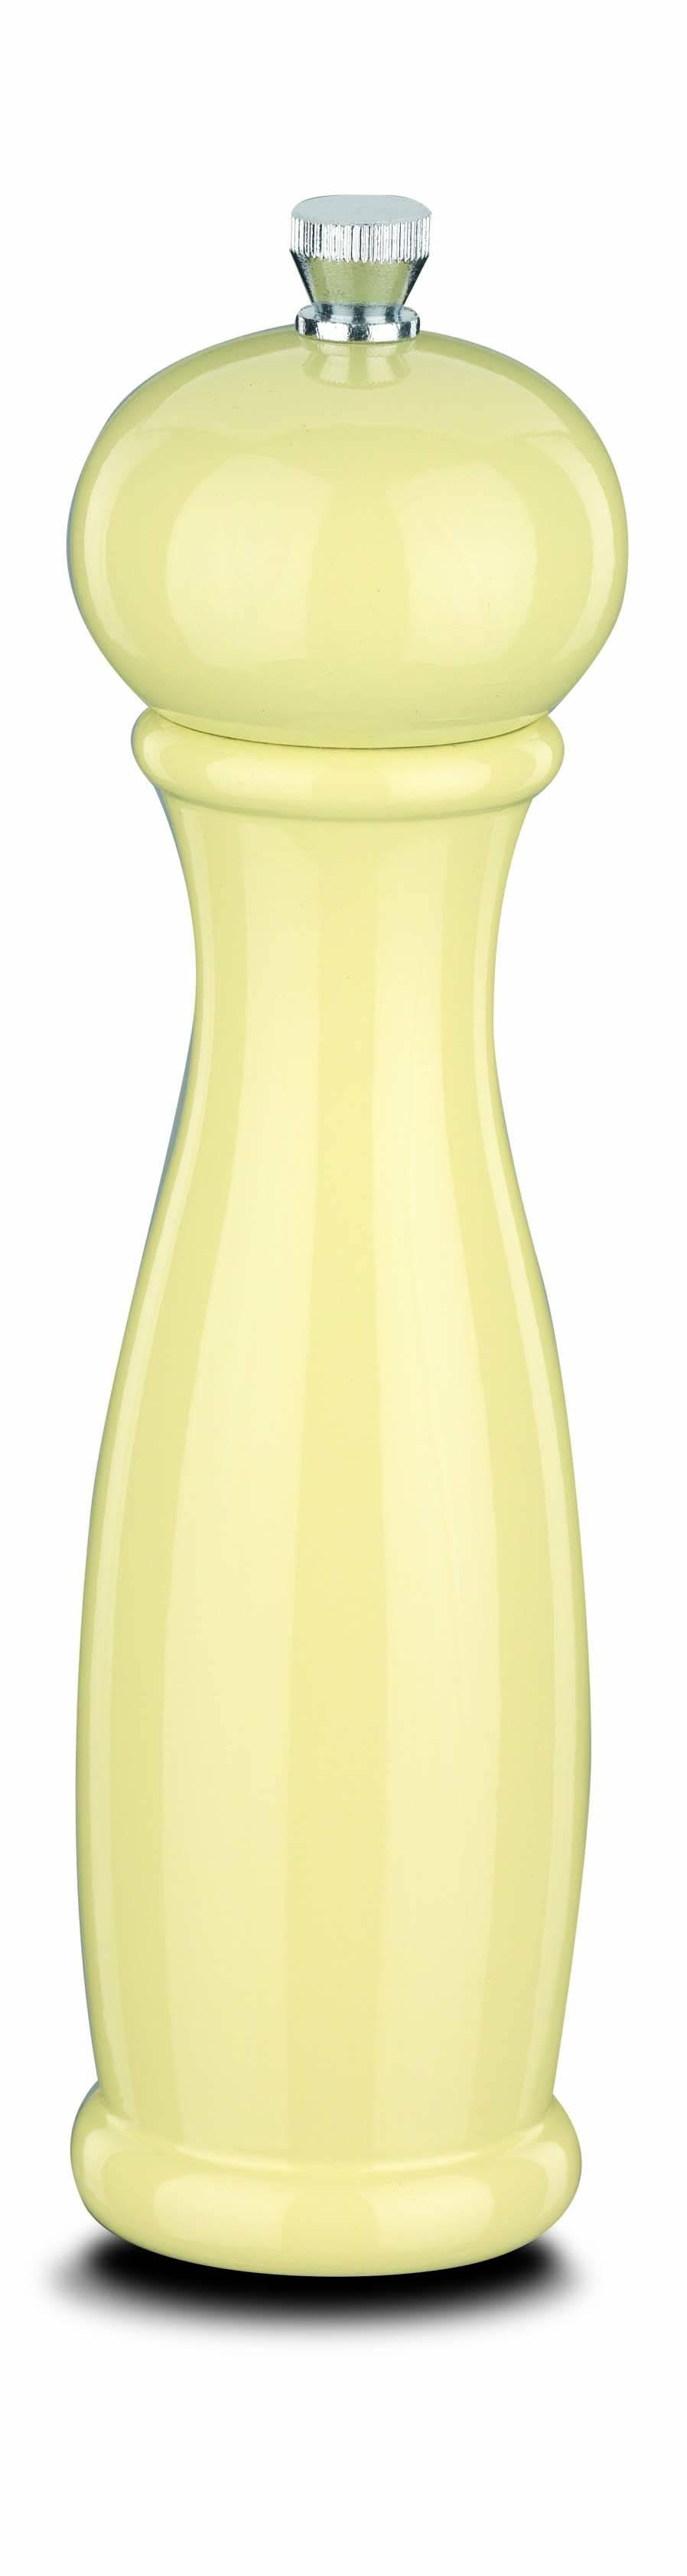 Mlýnek na sůl a pepř – žlutý - Korkmaz